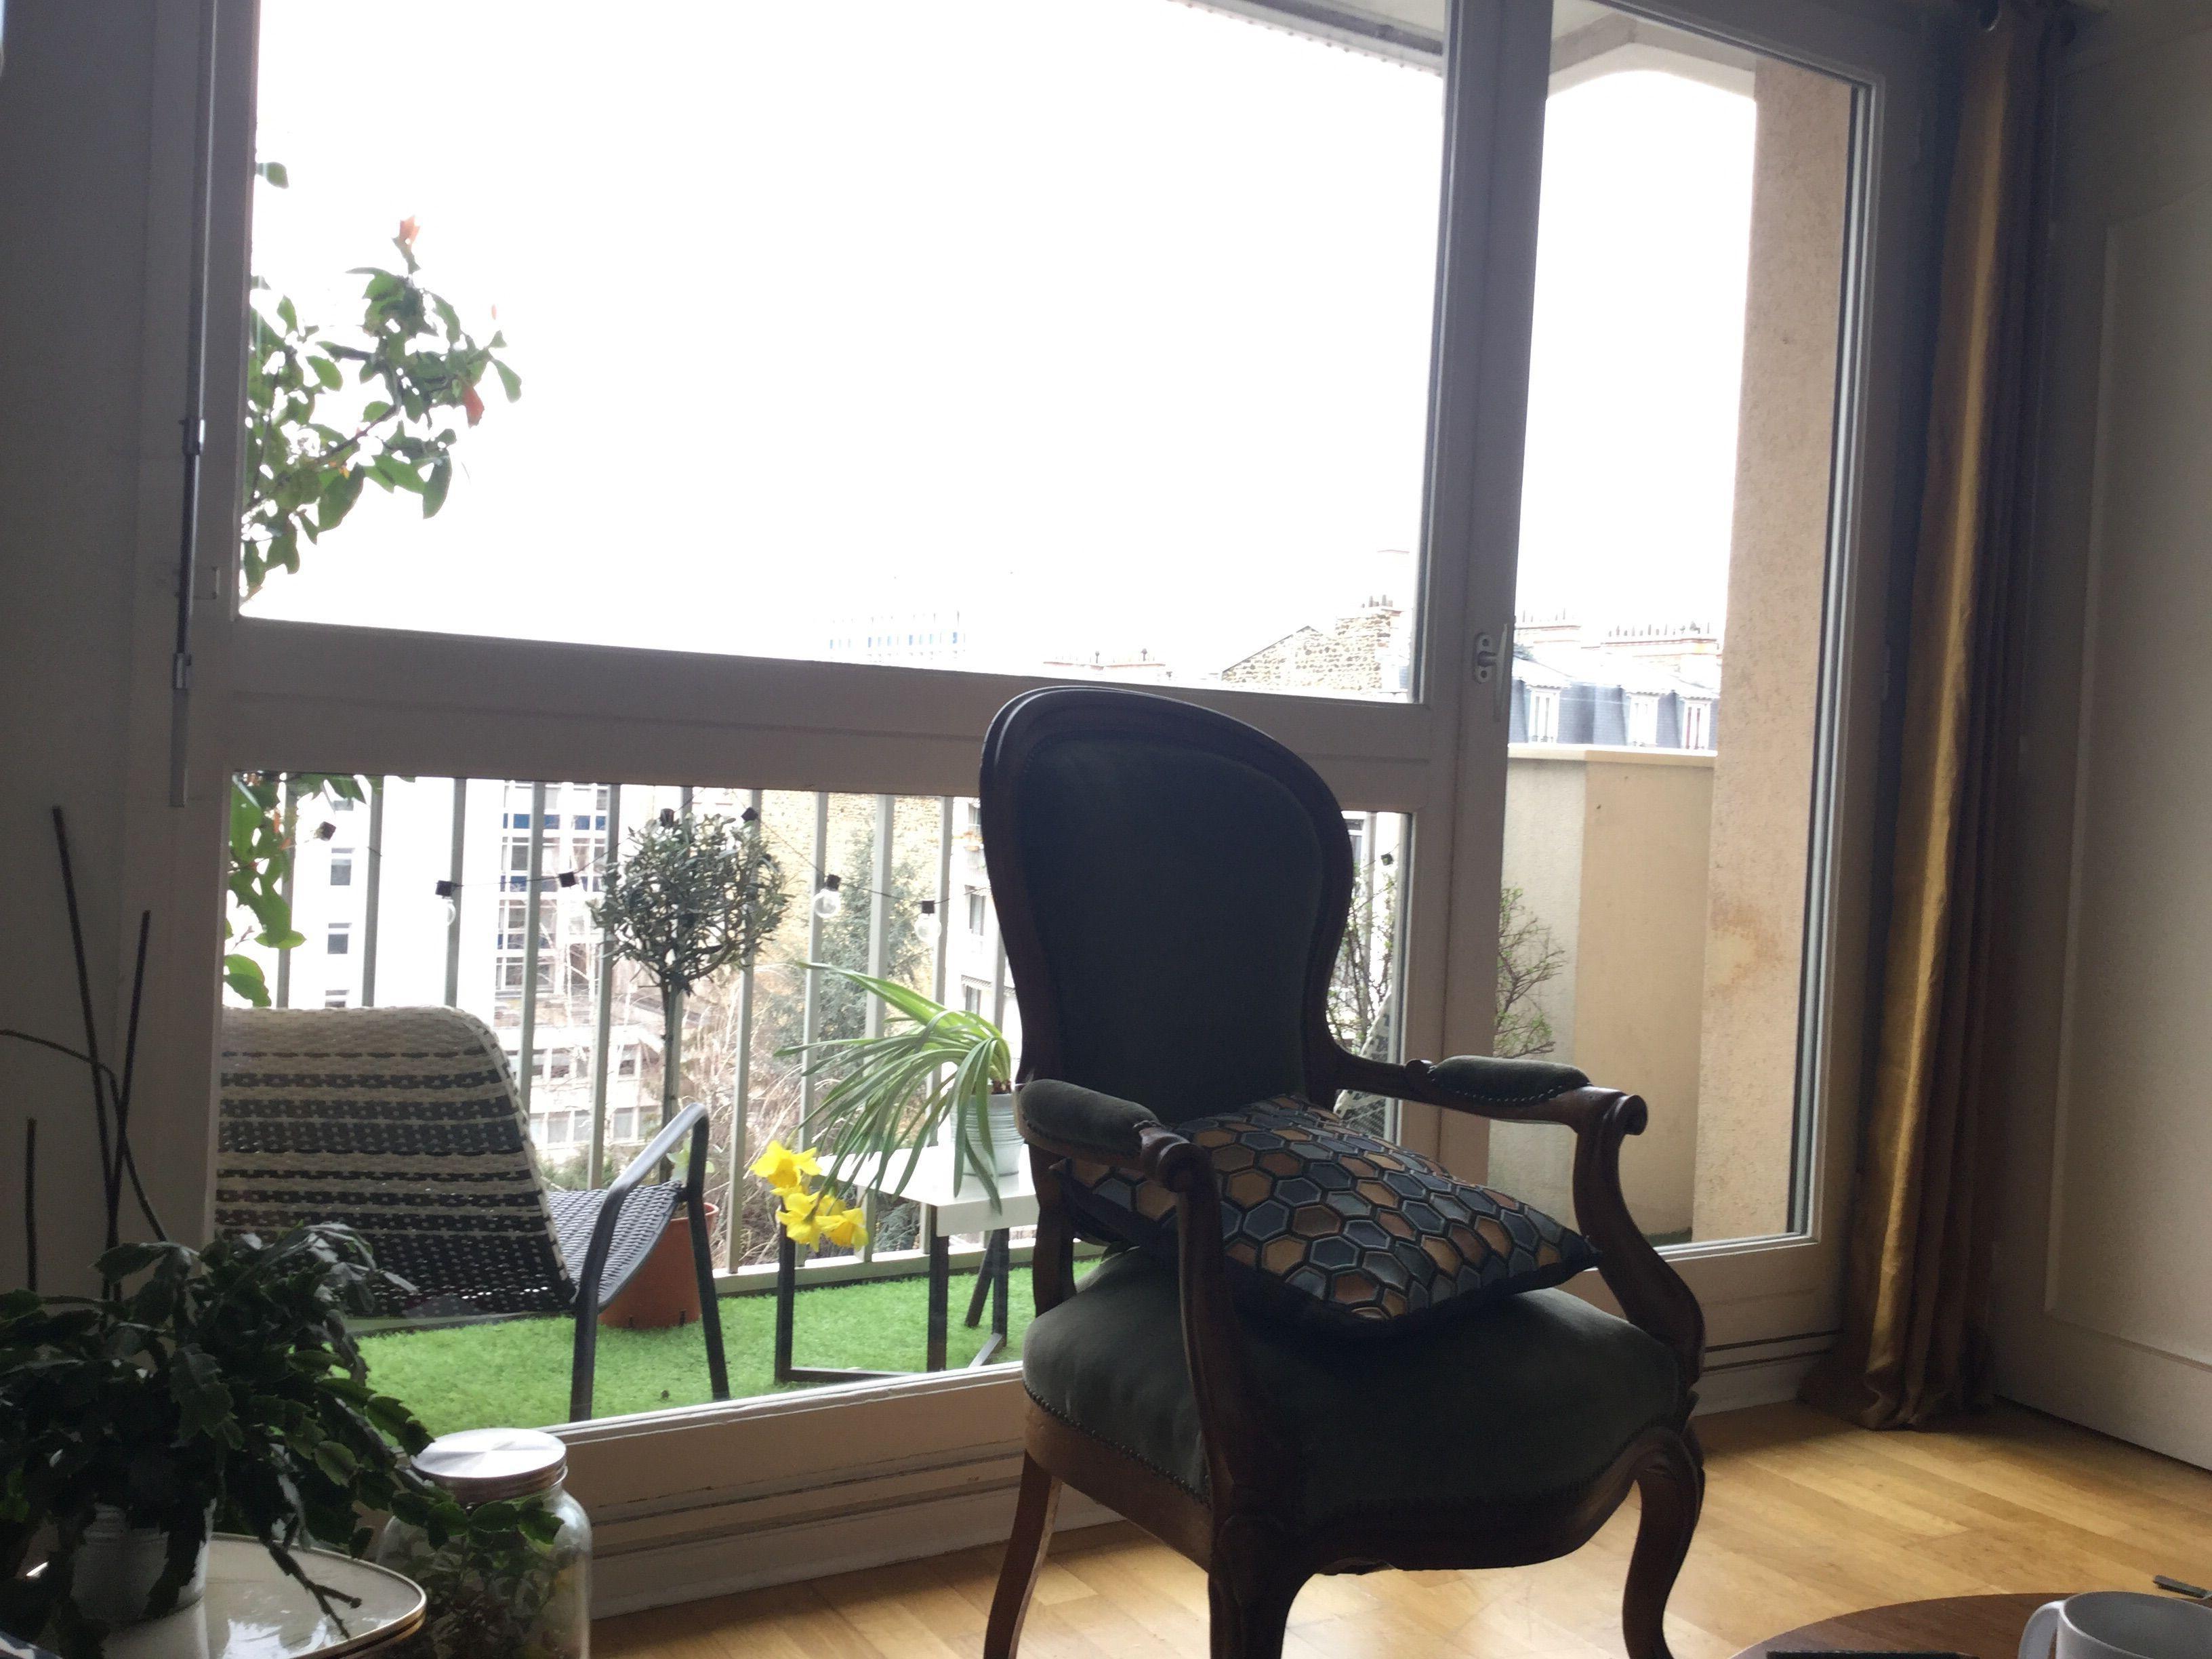 Chambre-Colocation Paris 19ème arrondissement HOMOSEXUELLE & Location Chambre à louer Paris 19ème arrondissement HOMOSEXUELLE | Loue chambre meublée Paris 19ème arrondissement HOMOSEXUELLE | Logement Paris 19ème arrondissement HOMOSEXUELLE